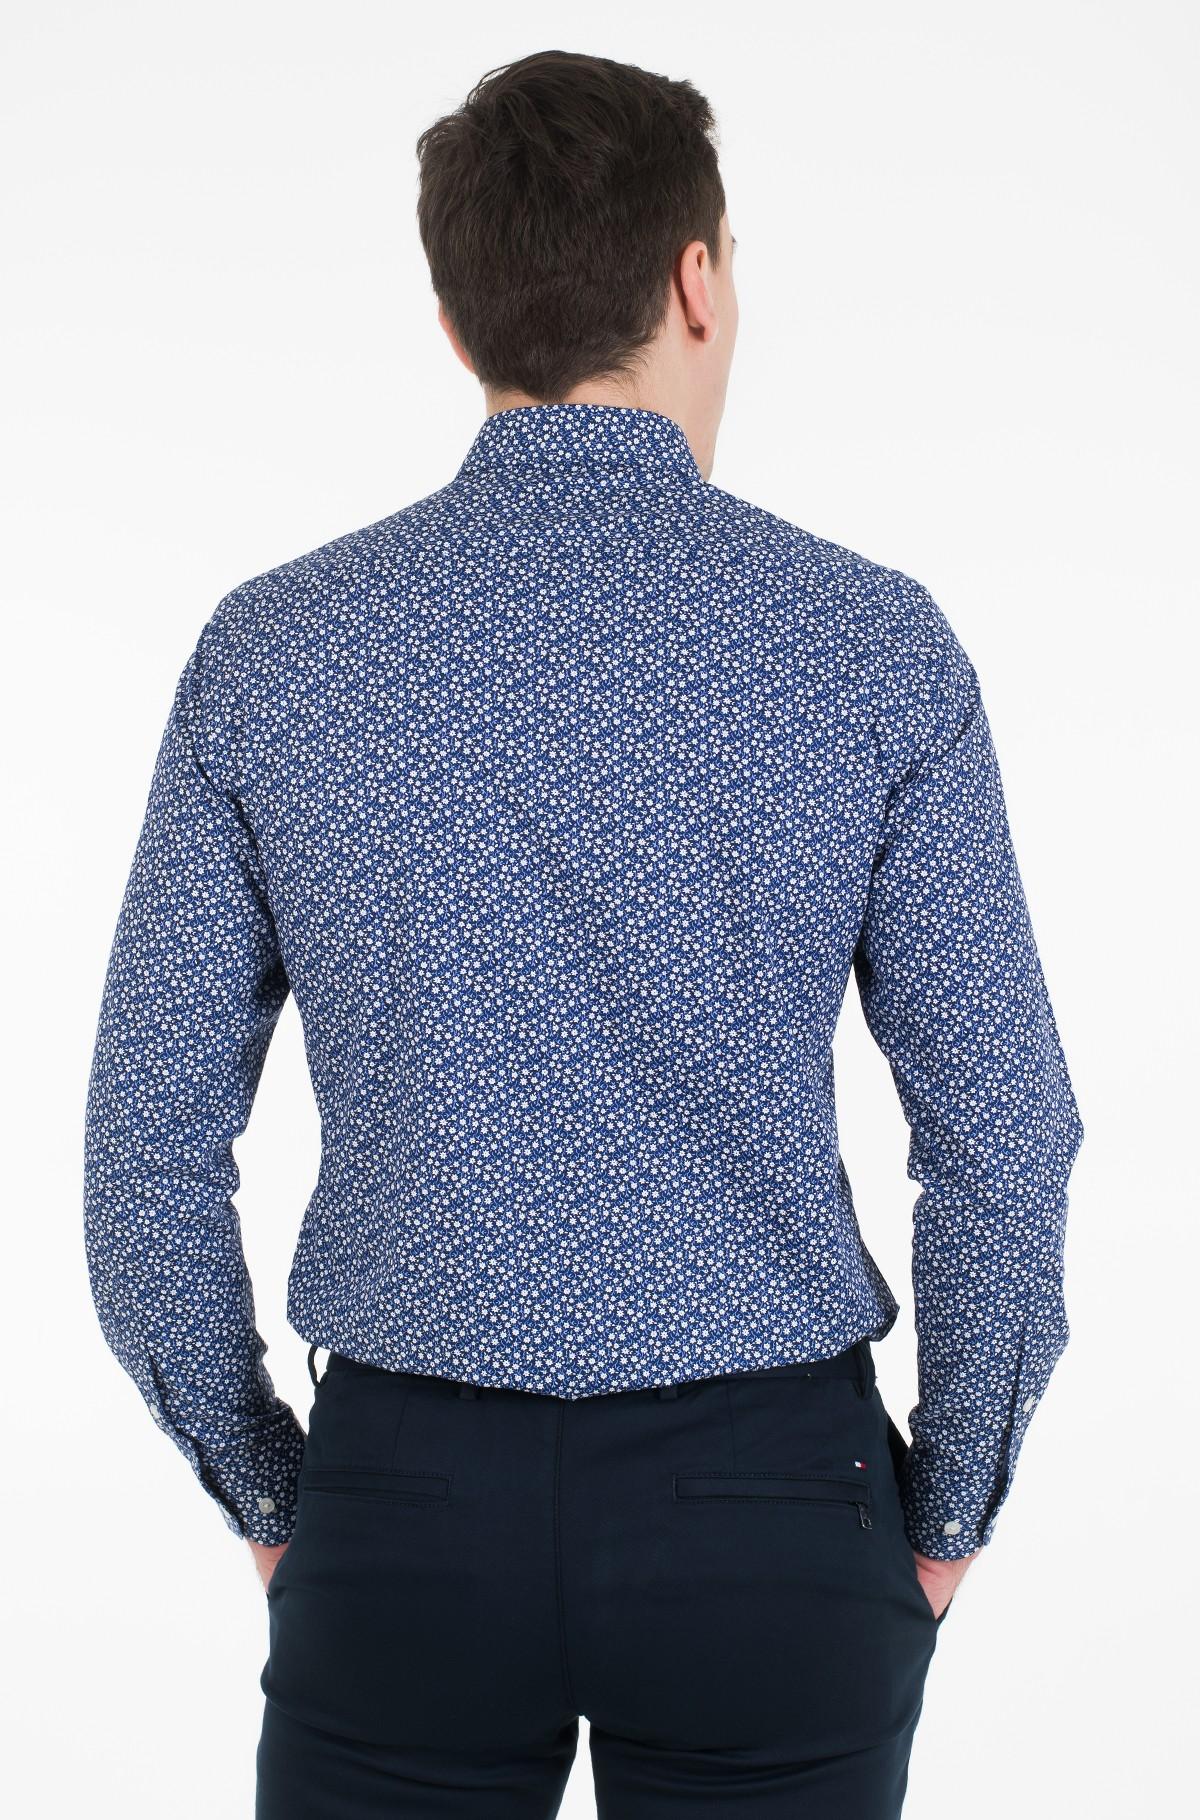 Marškiniai FLORAL PRINT CLASSIC SHIRT-full-3